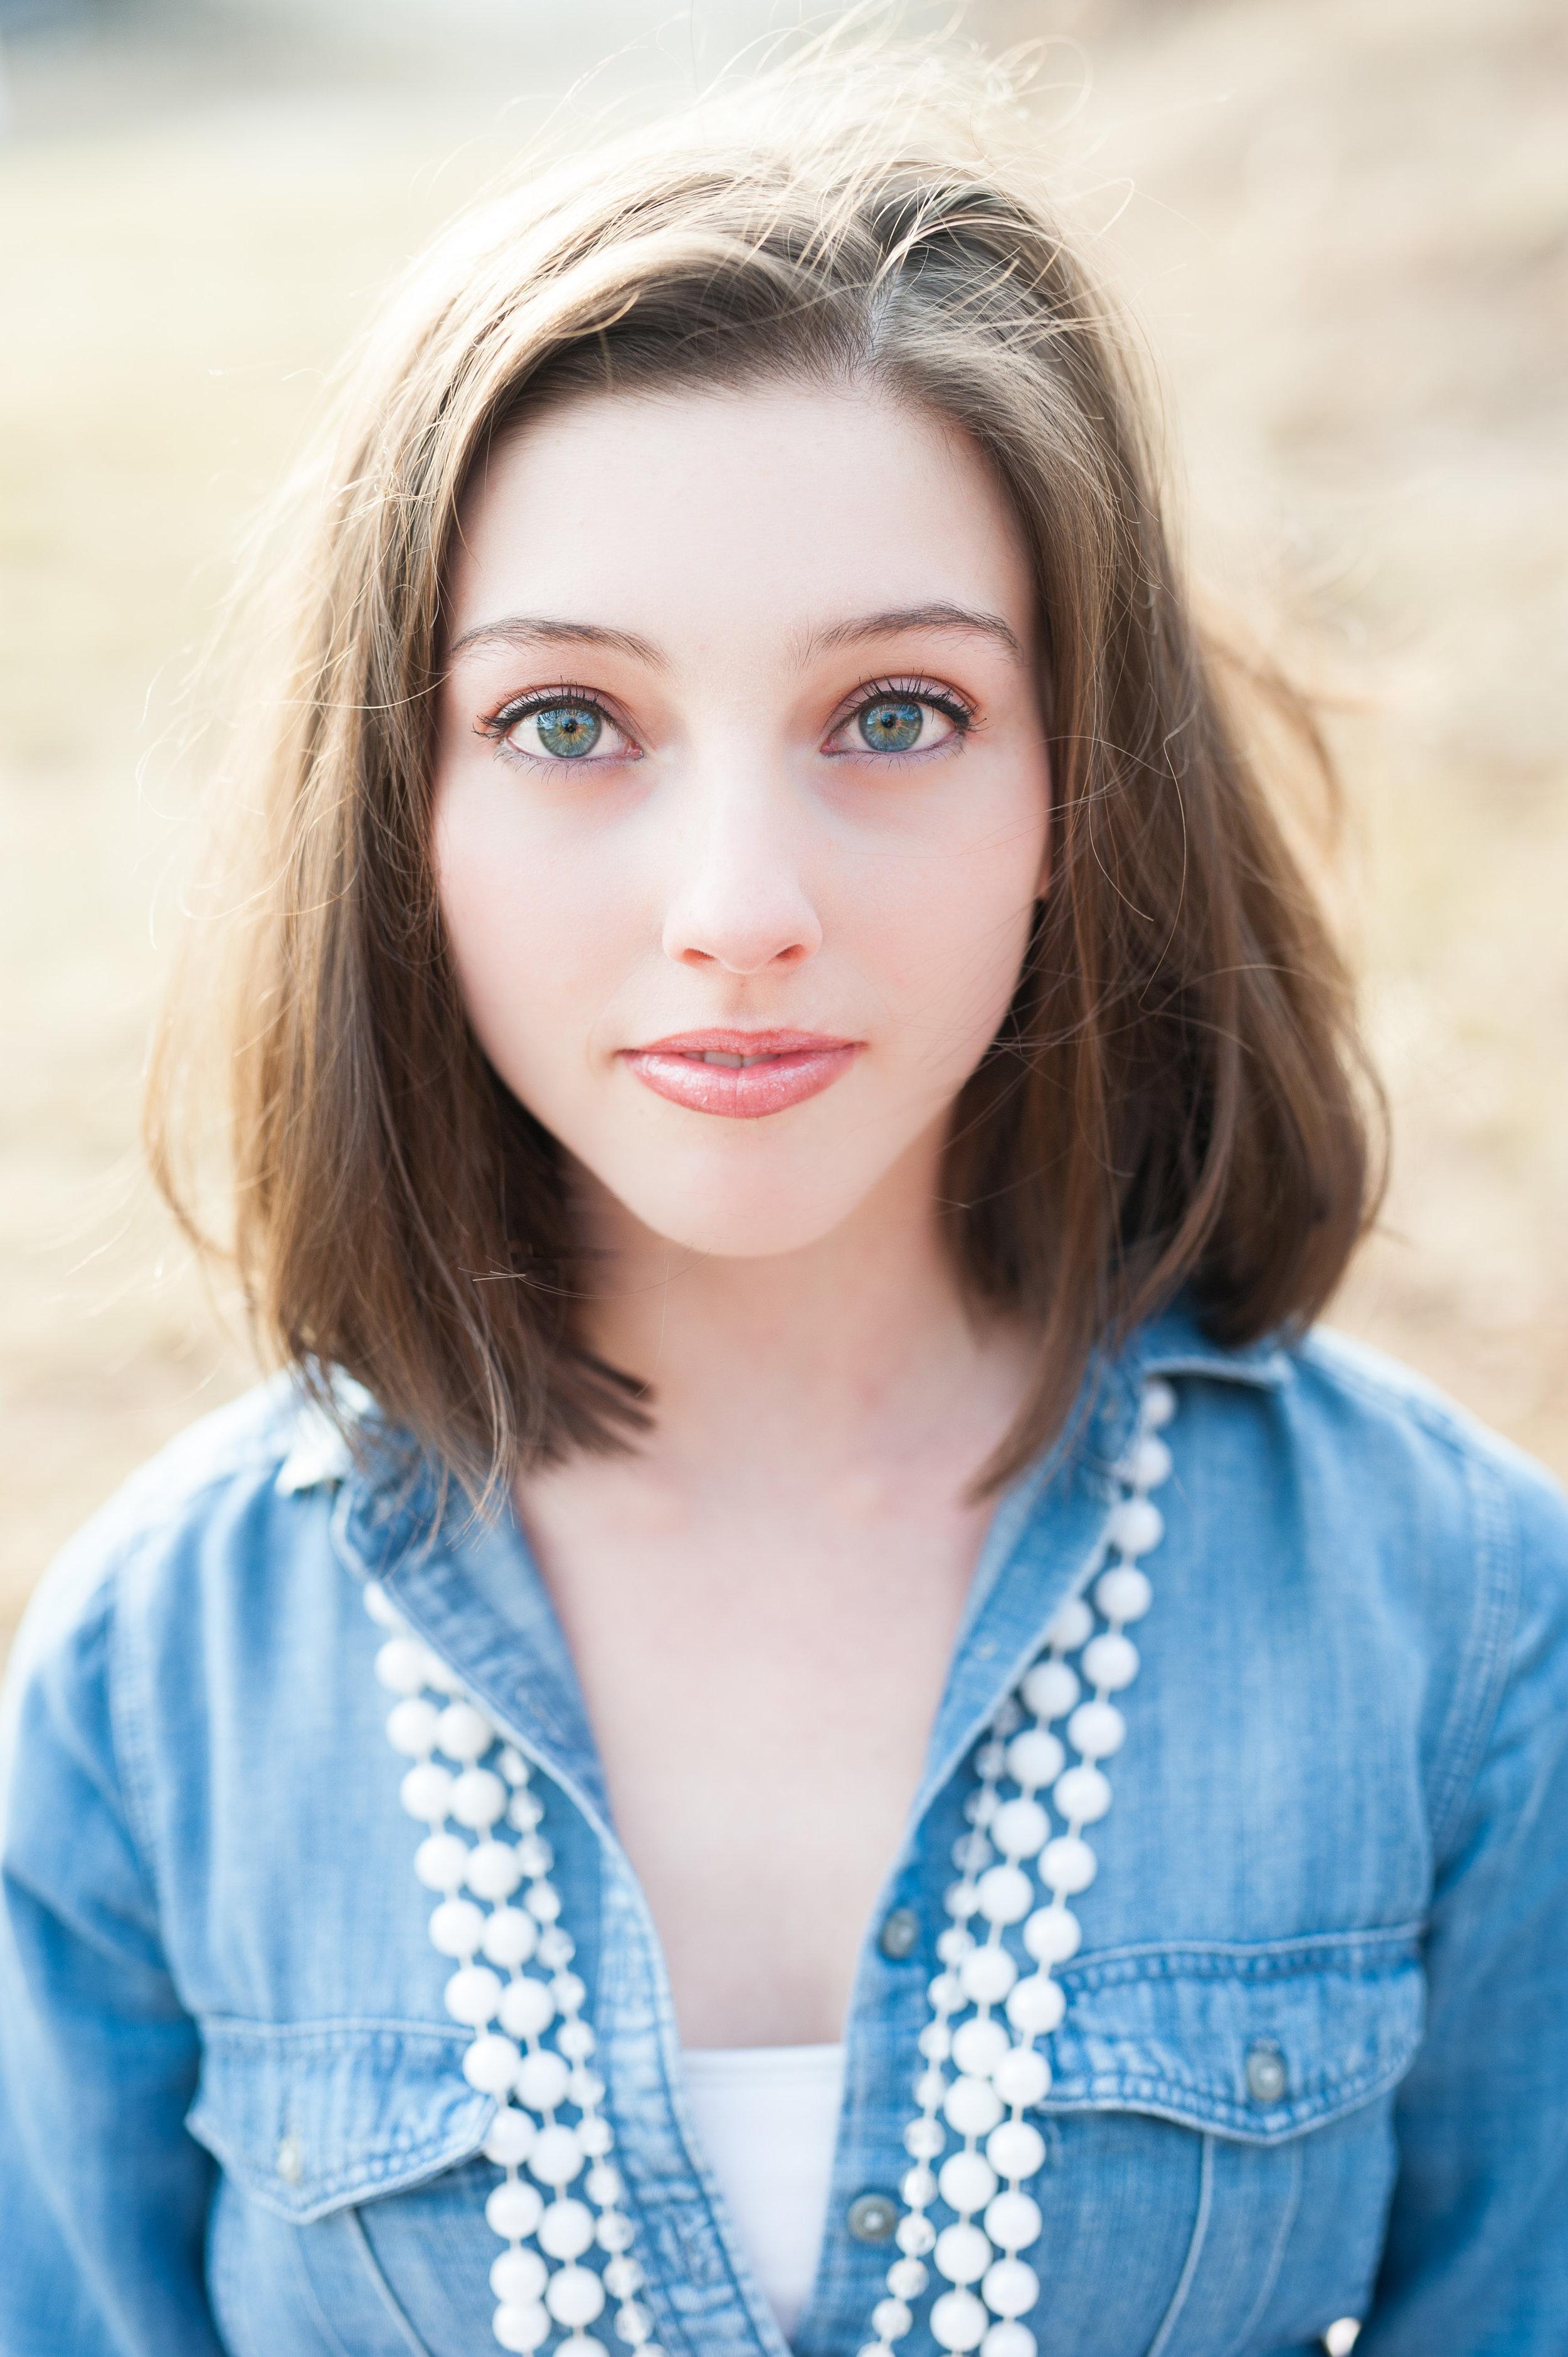 MA-teen-actress-headshot-Bailey-2.jpg